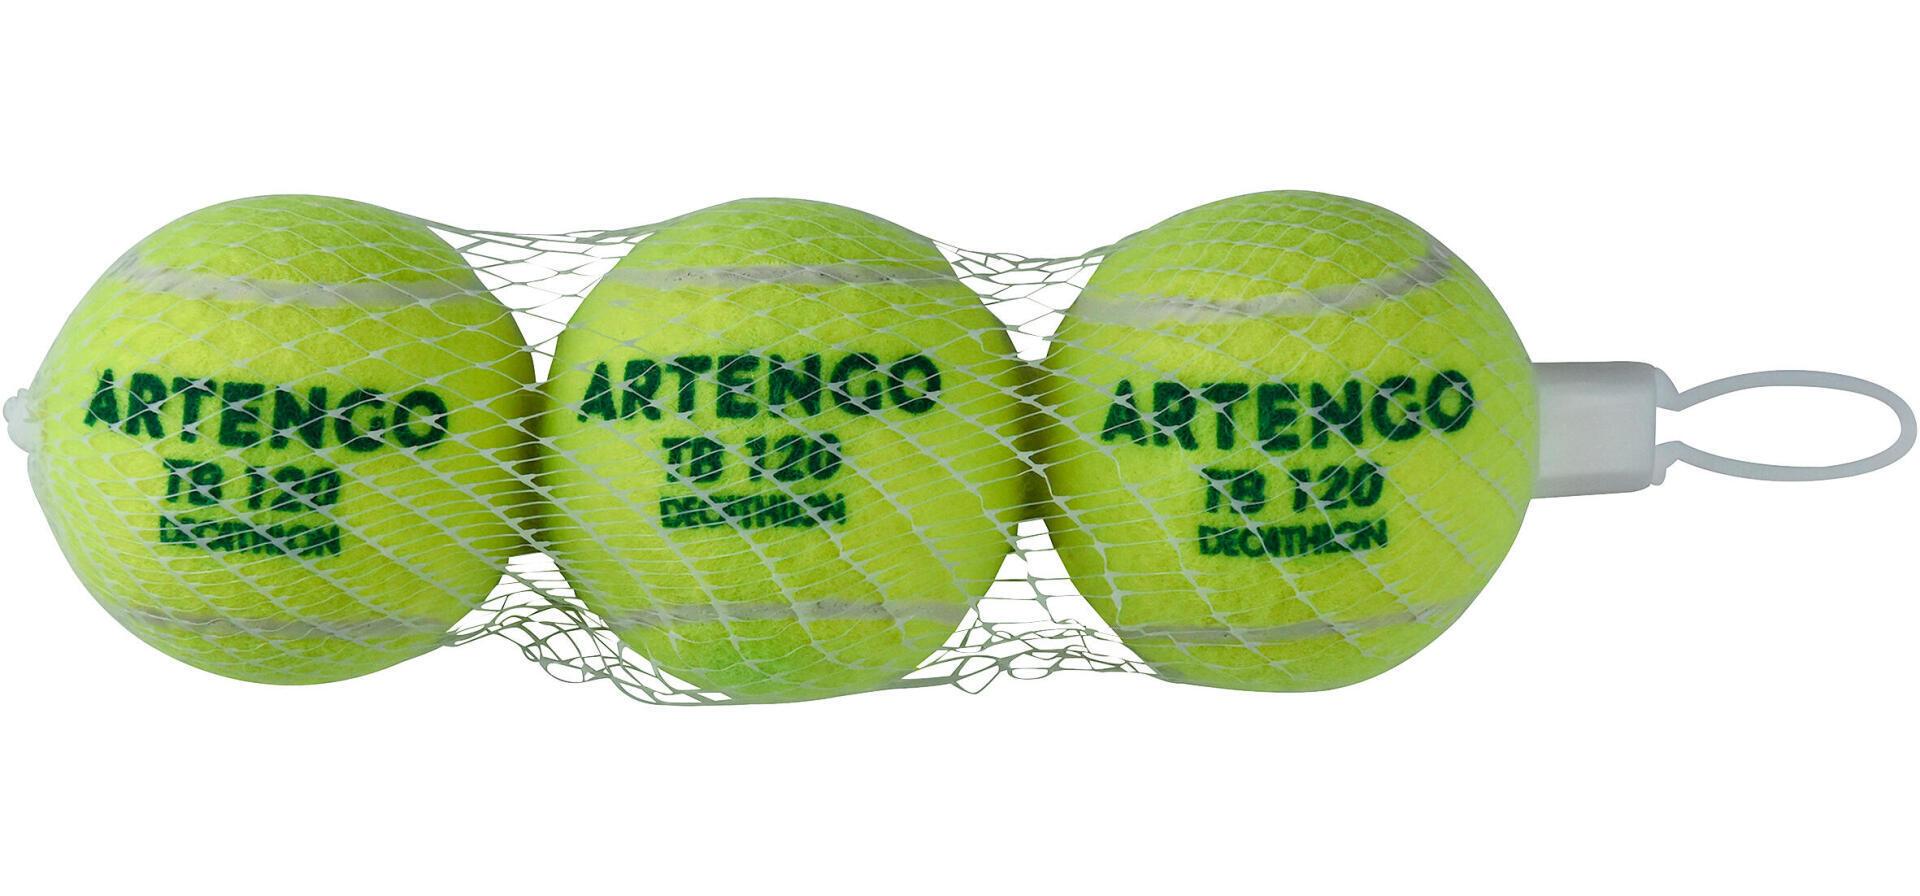 tb120 green pressureless tennis ball